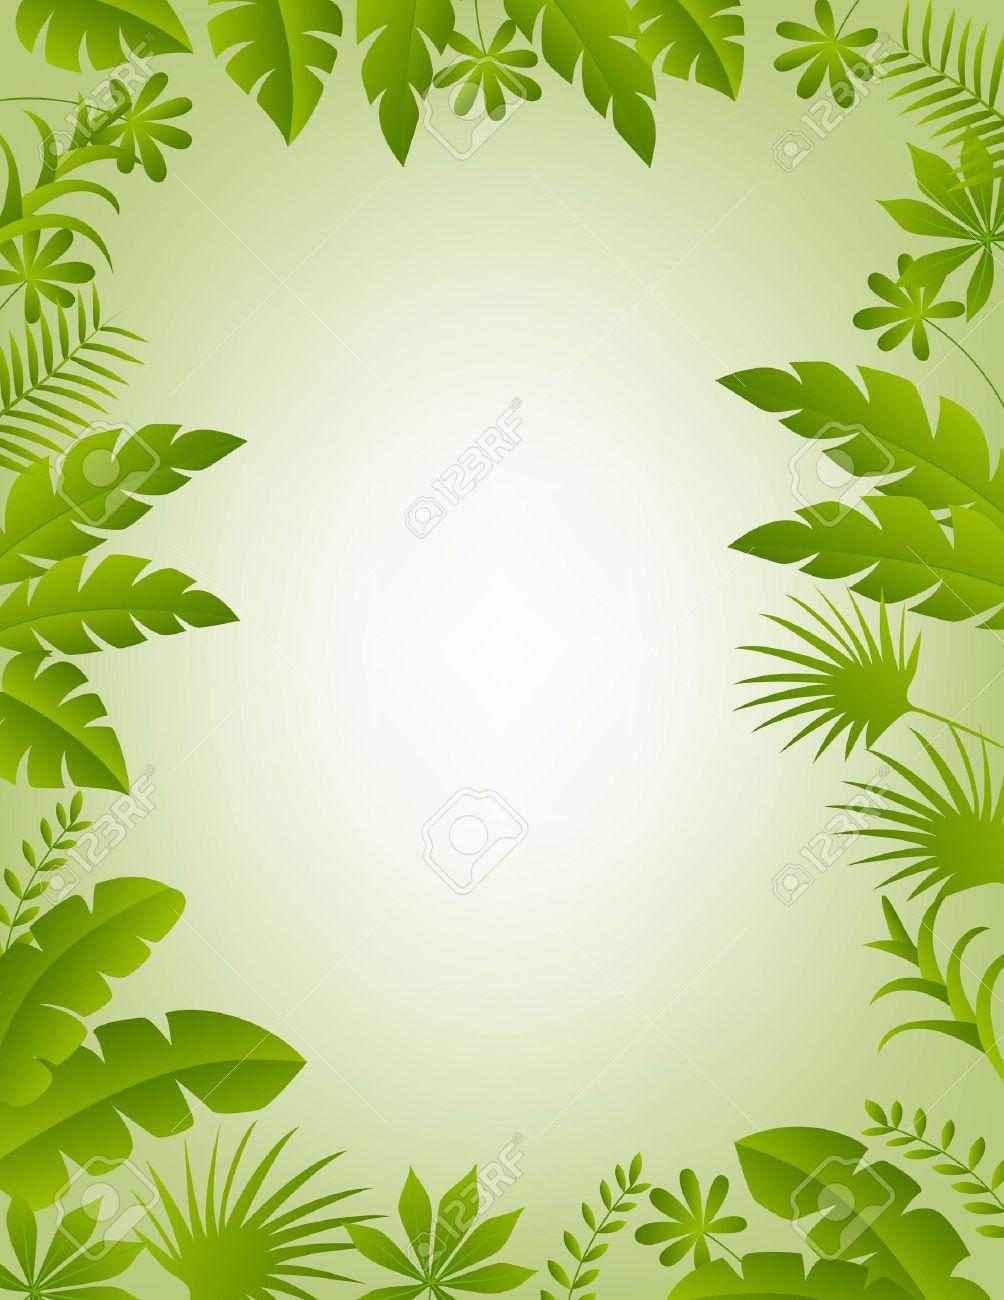 illustration of Floral frame background - 14325315